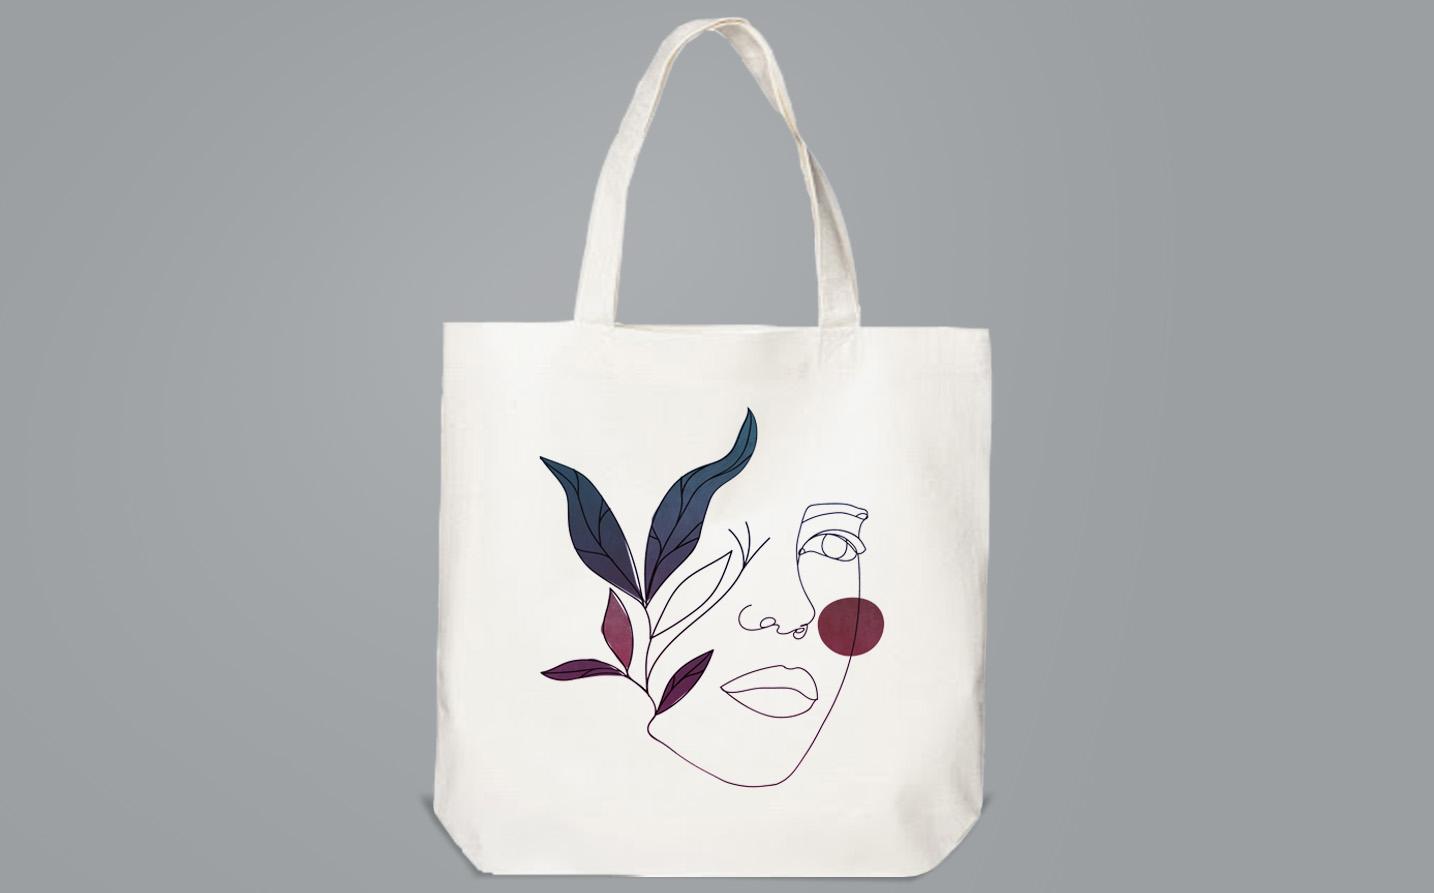 Bag / Sachet - Line art